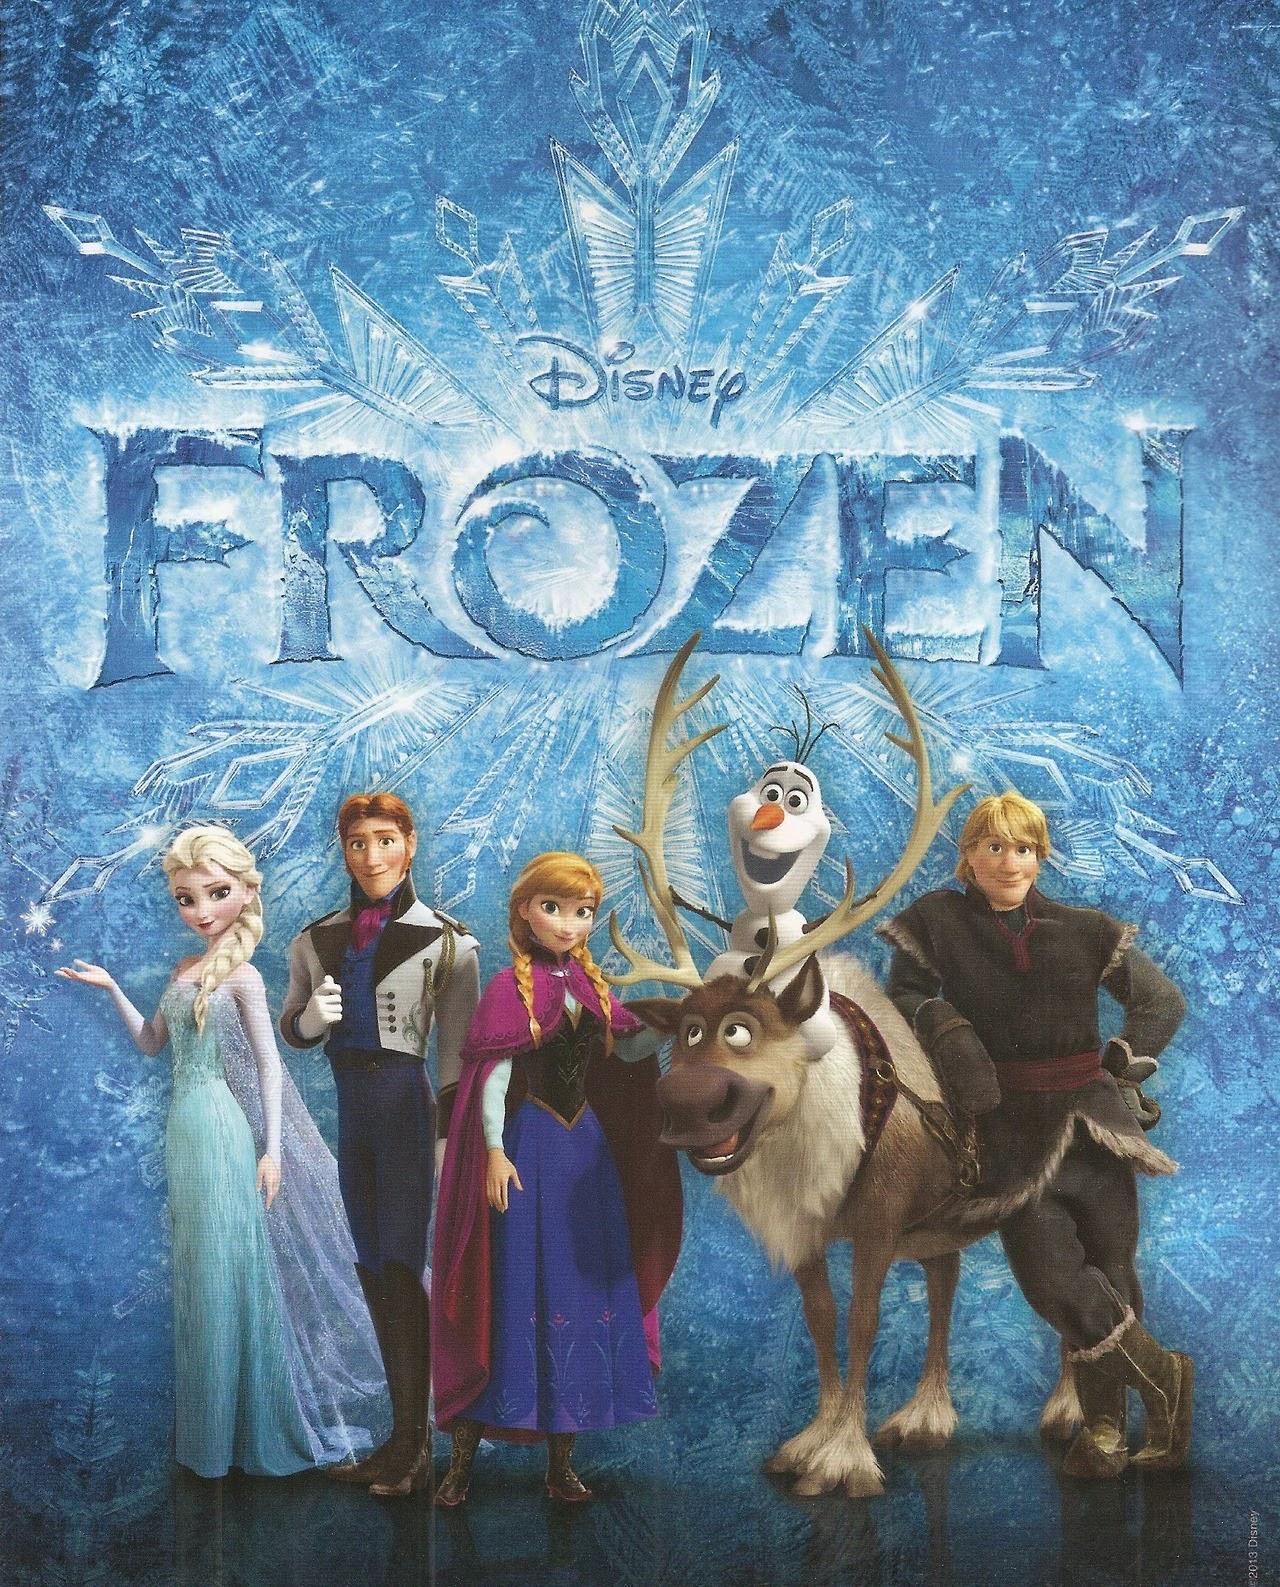 Site Disney frozen movie accept